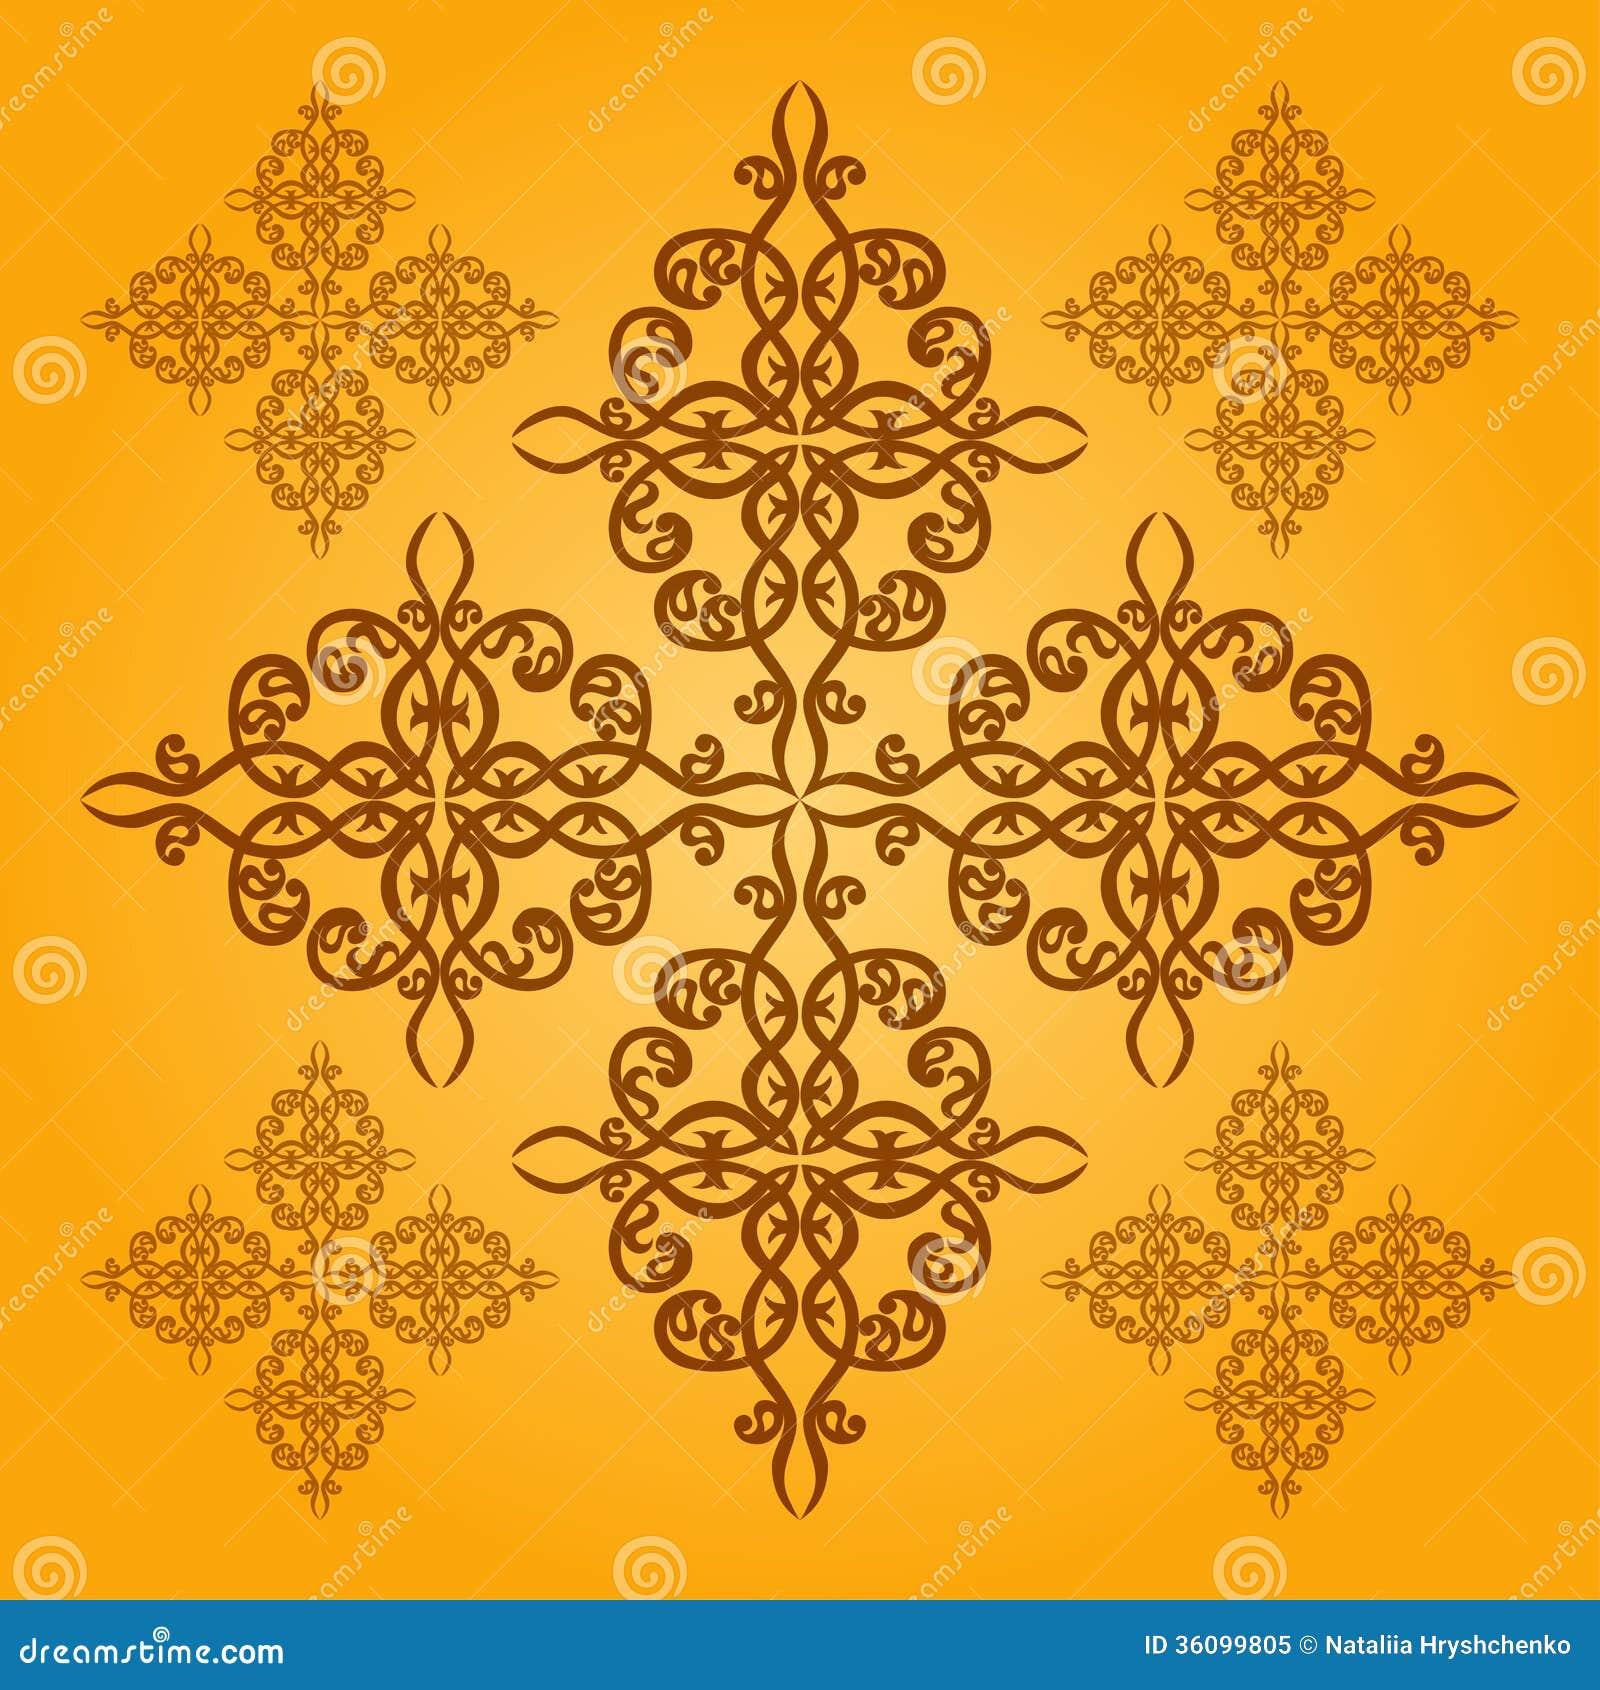 elegant filigree background with - photo #5